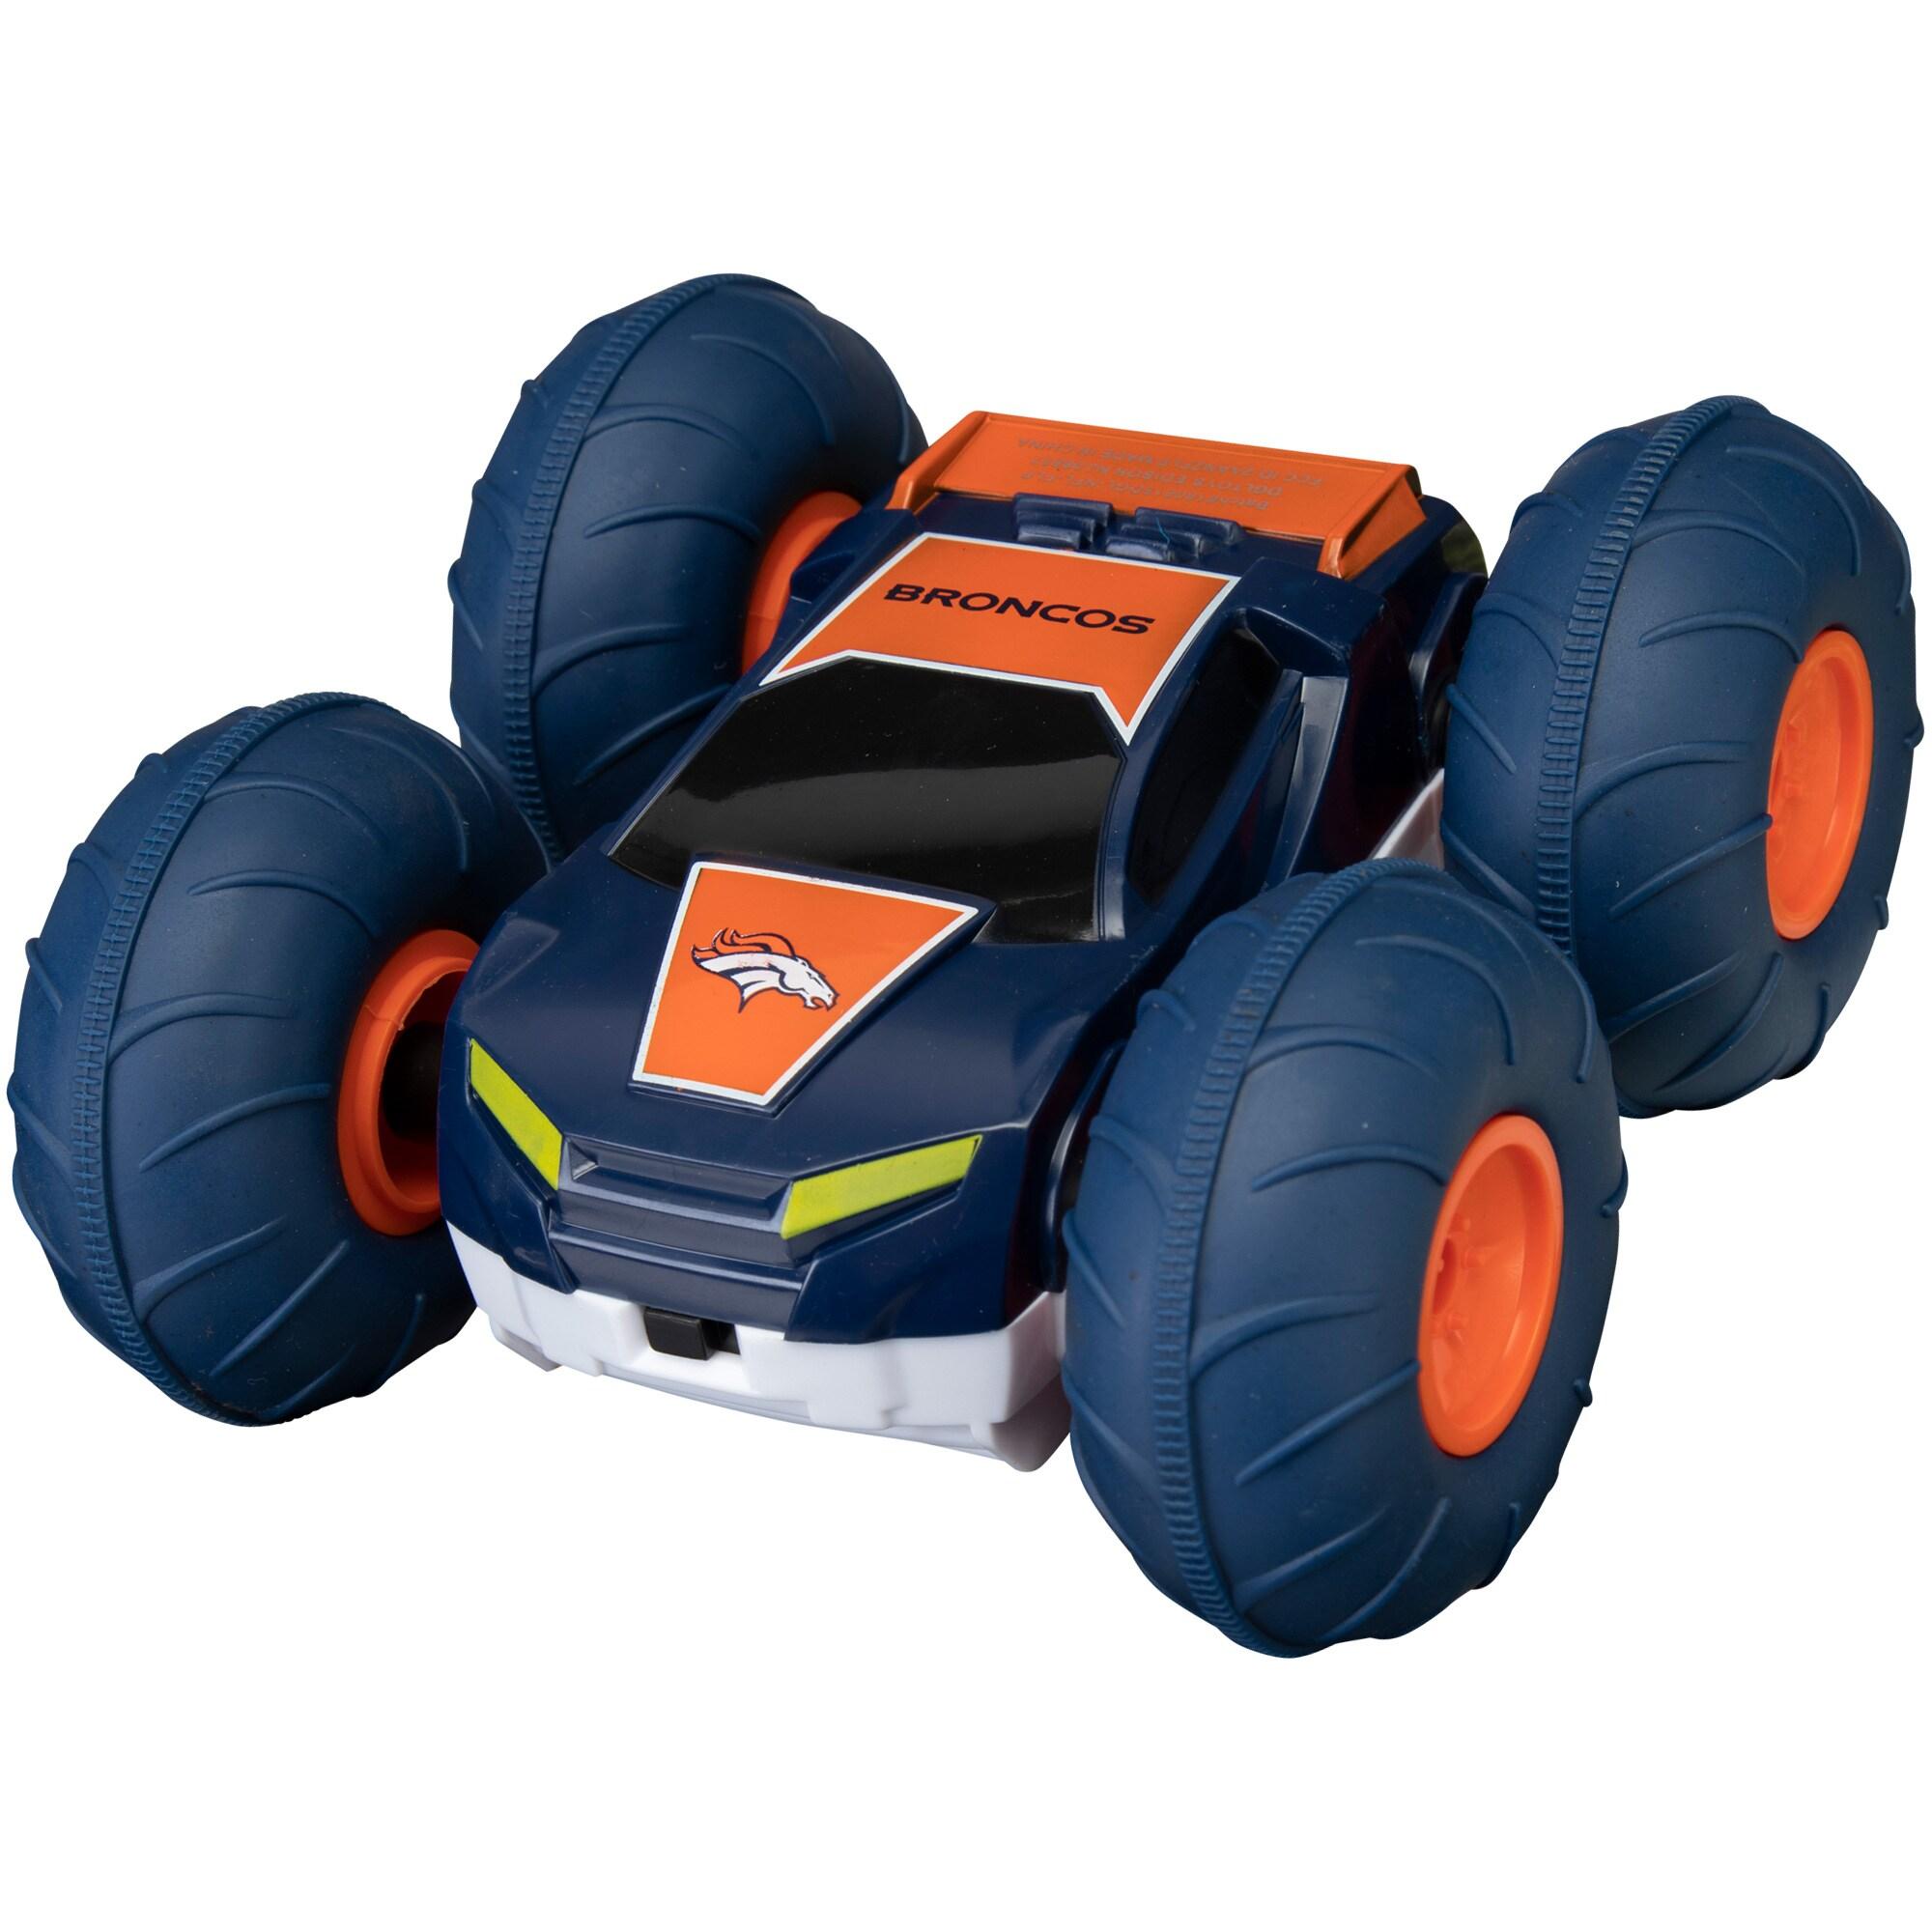 Denver Broncos Flip Racer Stunt Car